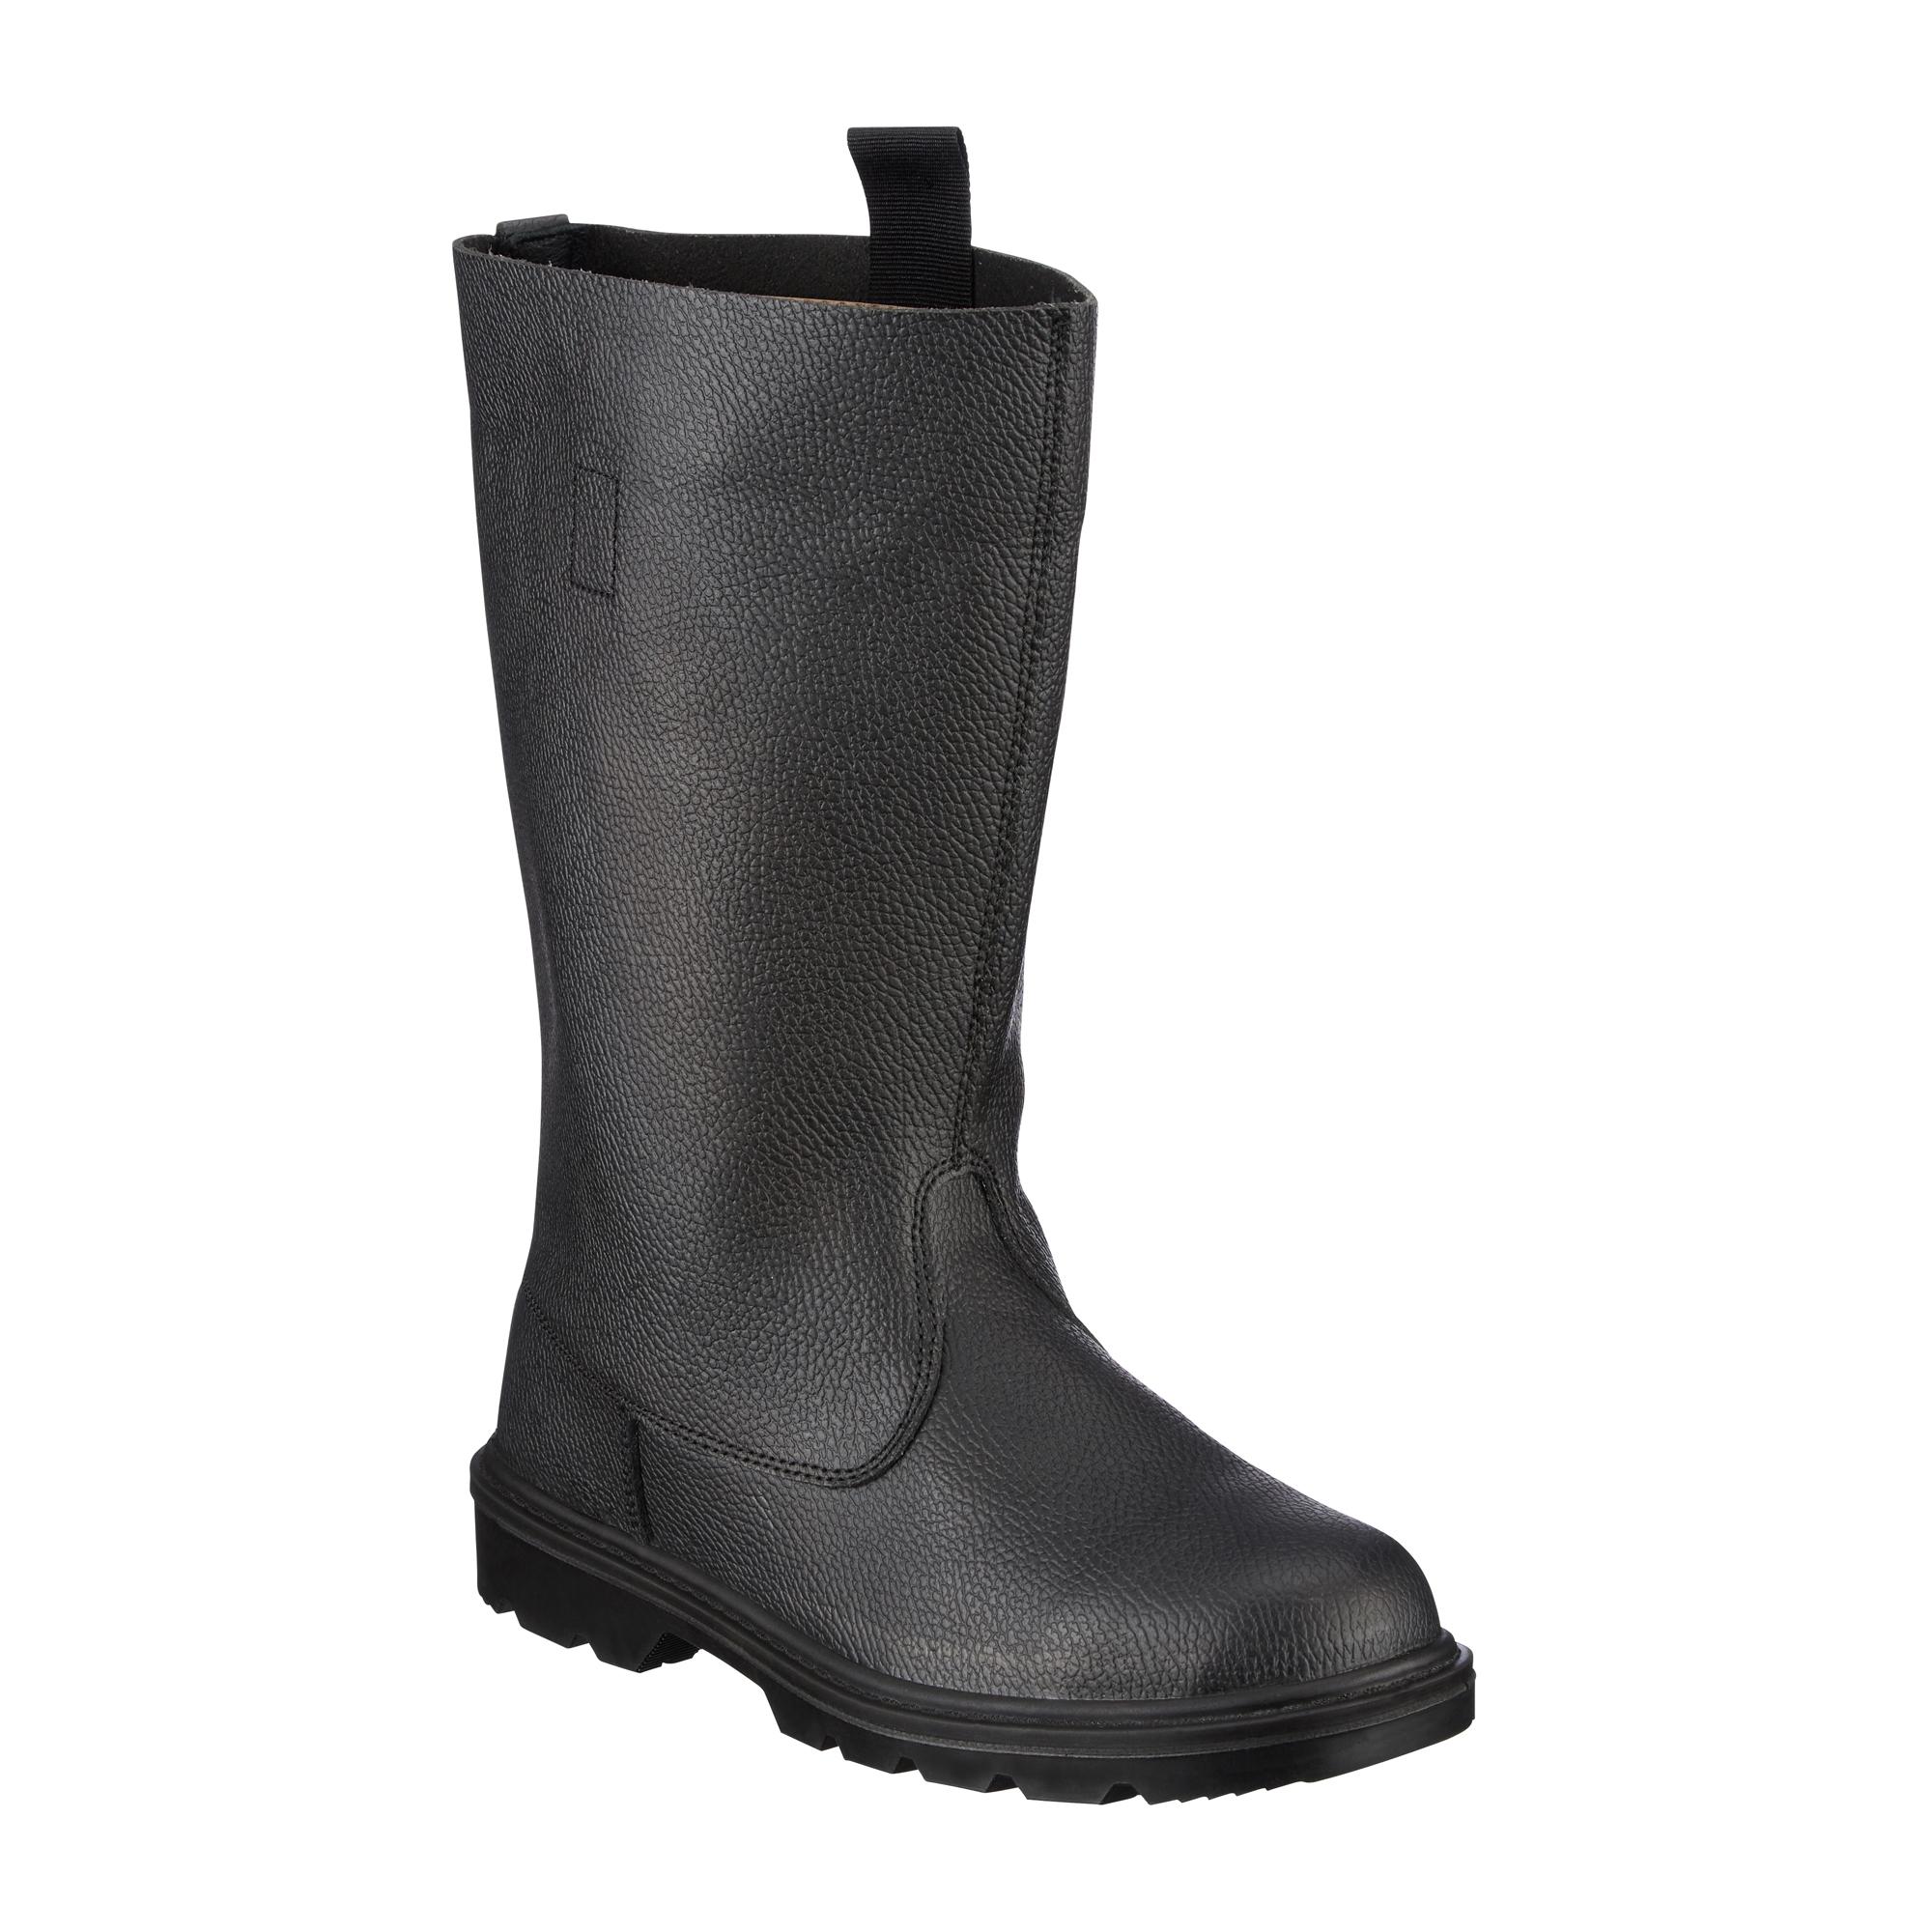 Stiefel Knobelbecher Leder schwarz